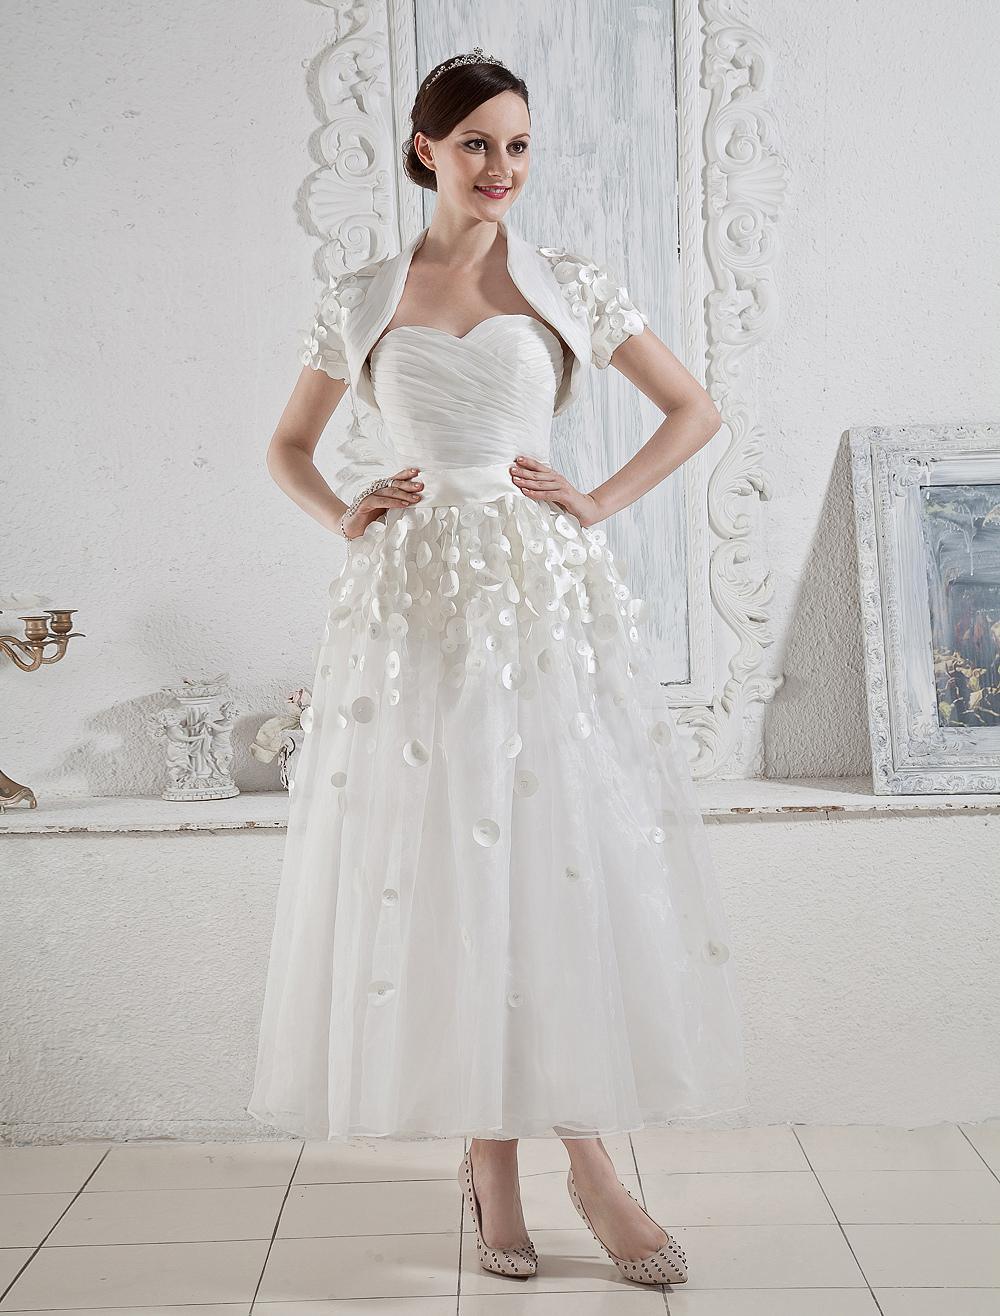 White wedding dresses short strapless bridal dress sash for Sweetheart tea length wedding dress